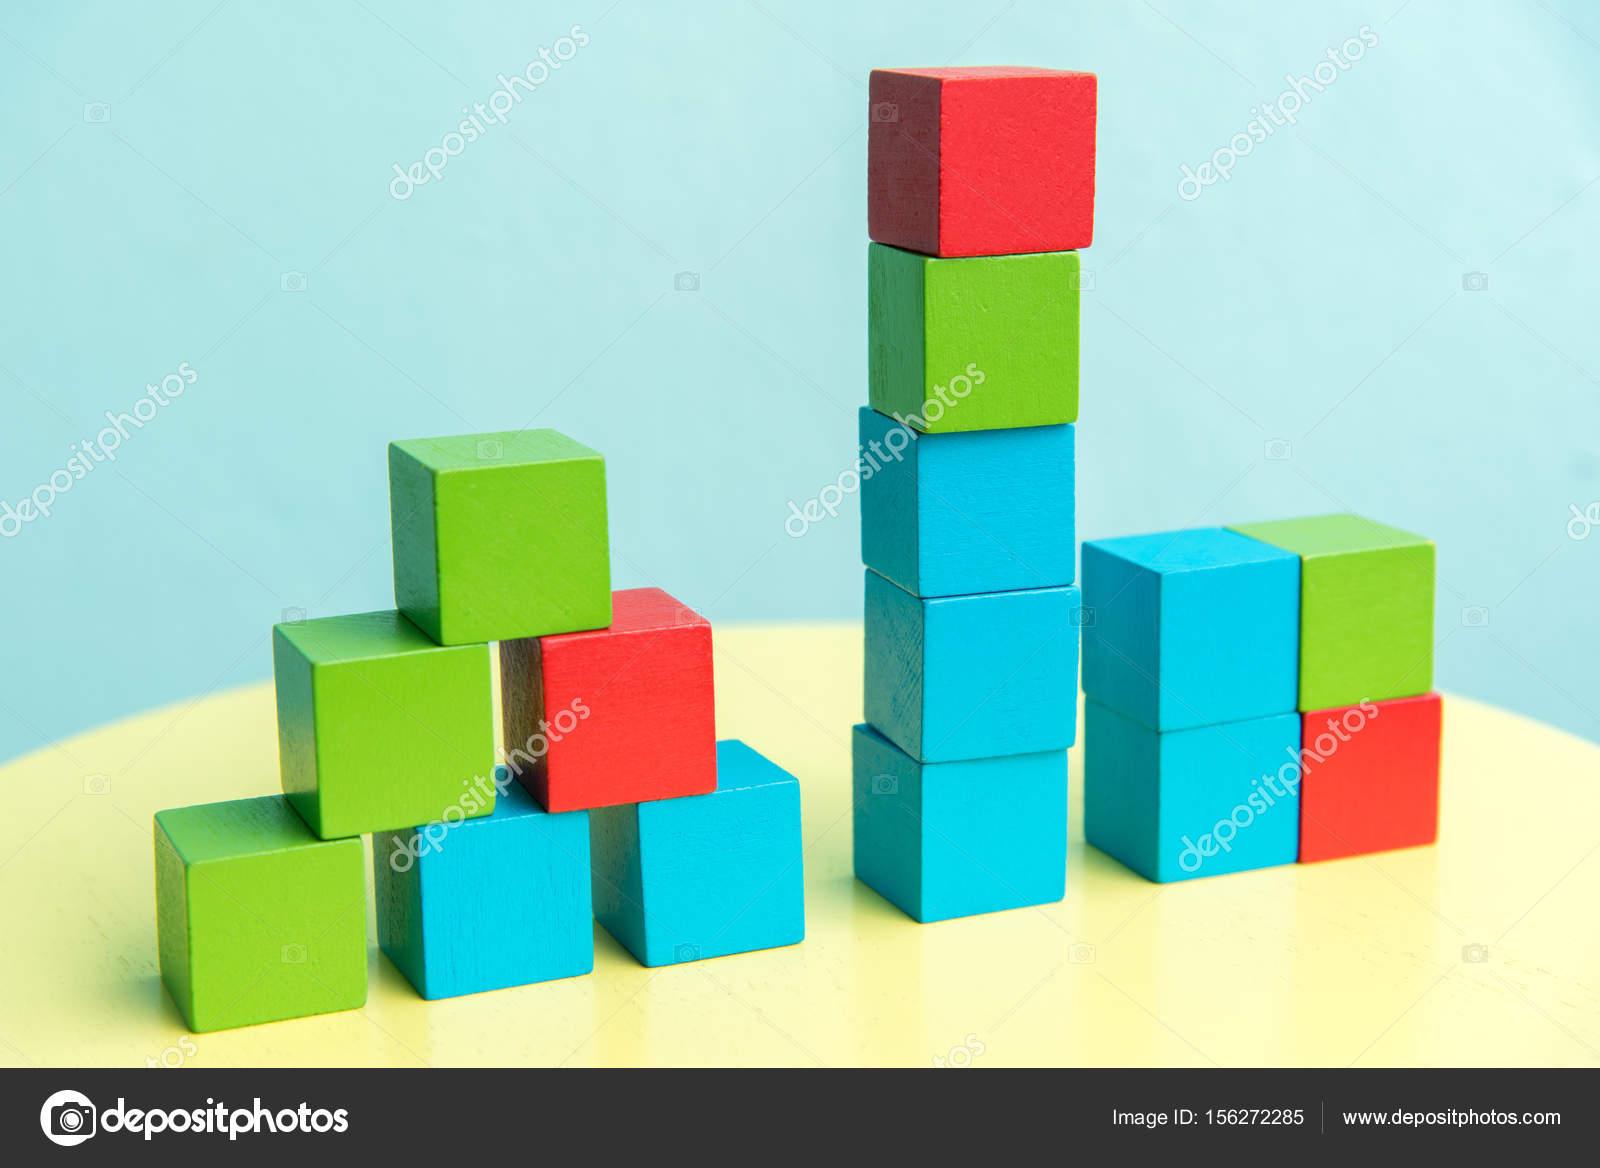 Pile color de blocs de construction bois cube photographie kwanchaidp 156272285 for Construction cube bois